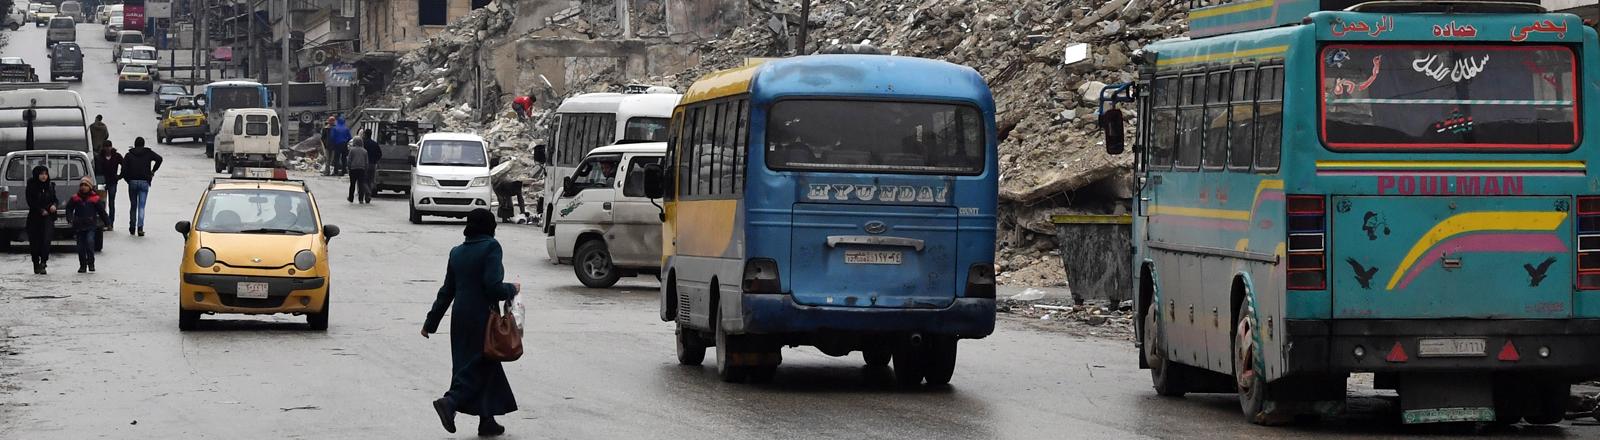 Menschen laufen am 07.02.2019 zwischen Bussen und Autos über die Straßen von Aleppo, im Hintergrund zerstörte Gebäude